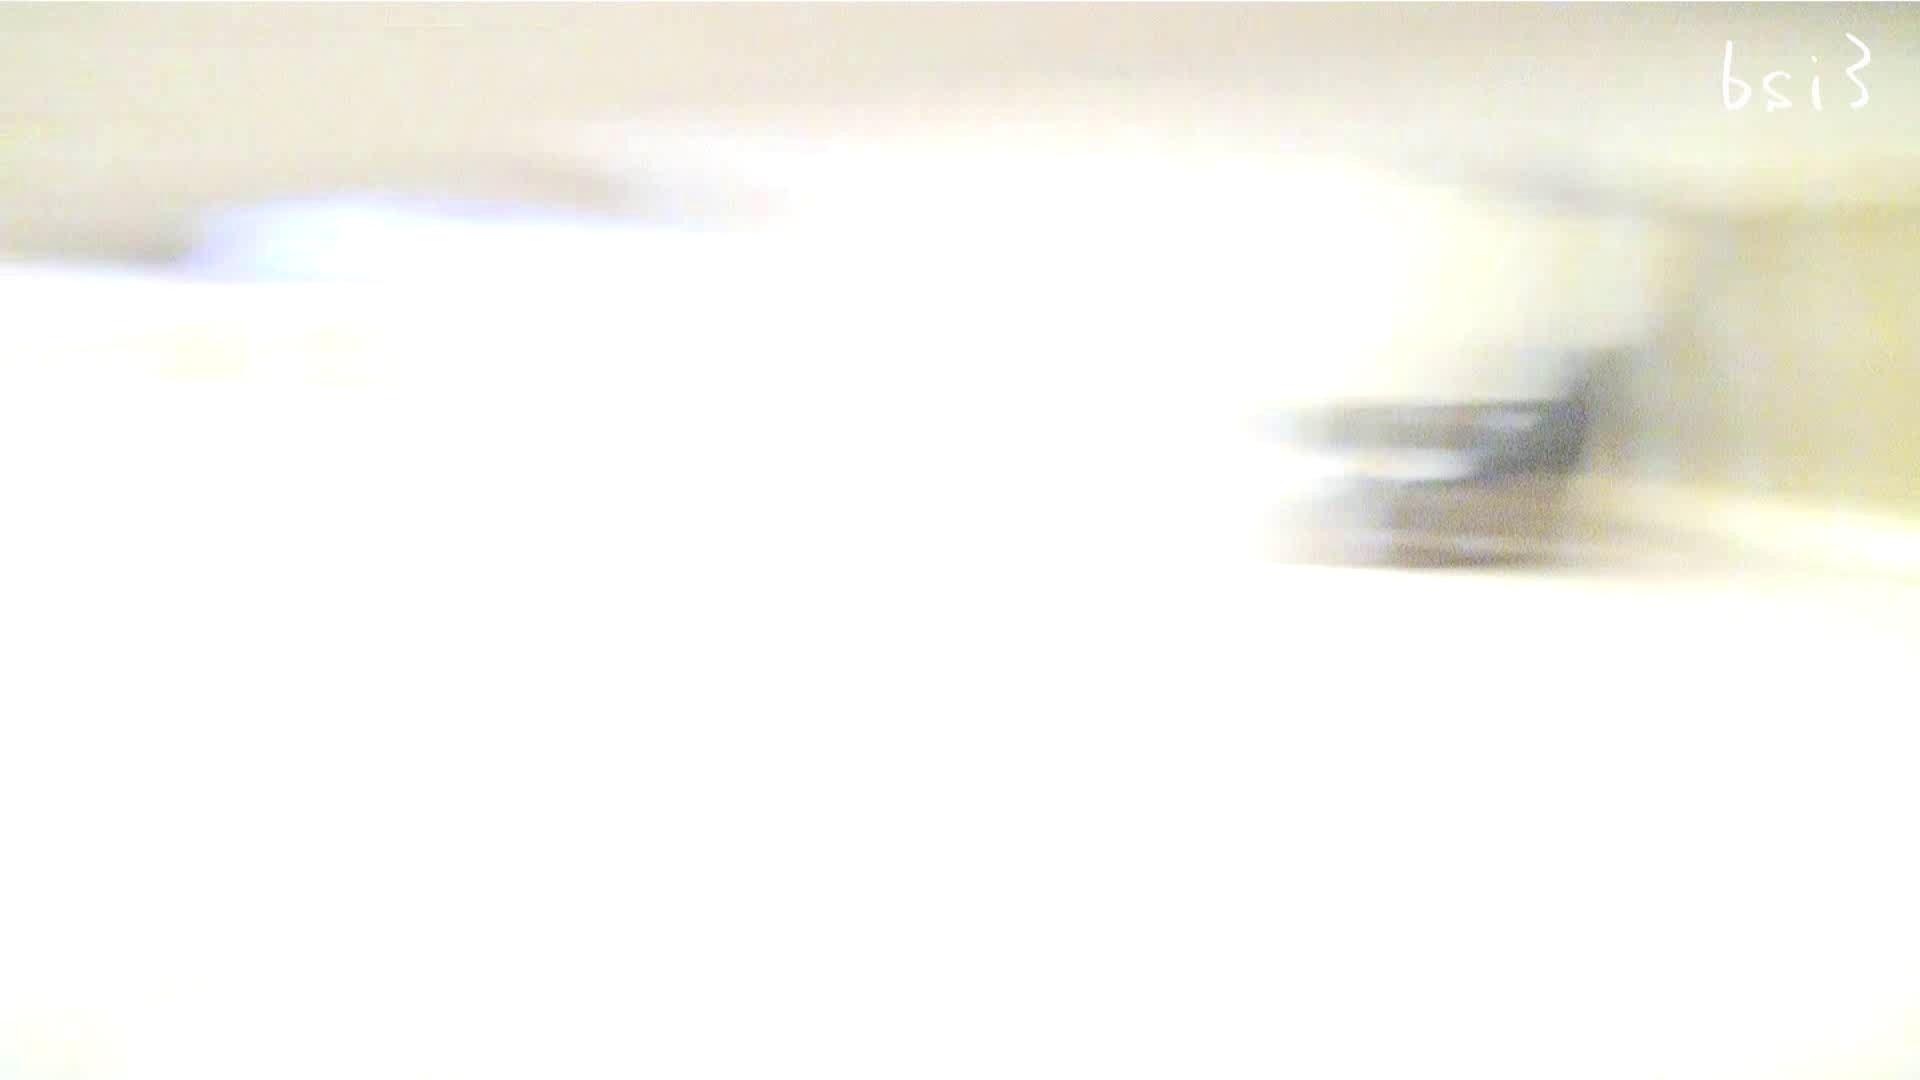 ナースのお小水 vol.003 ナースハメ撮り  86Pix 11